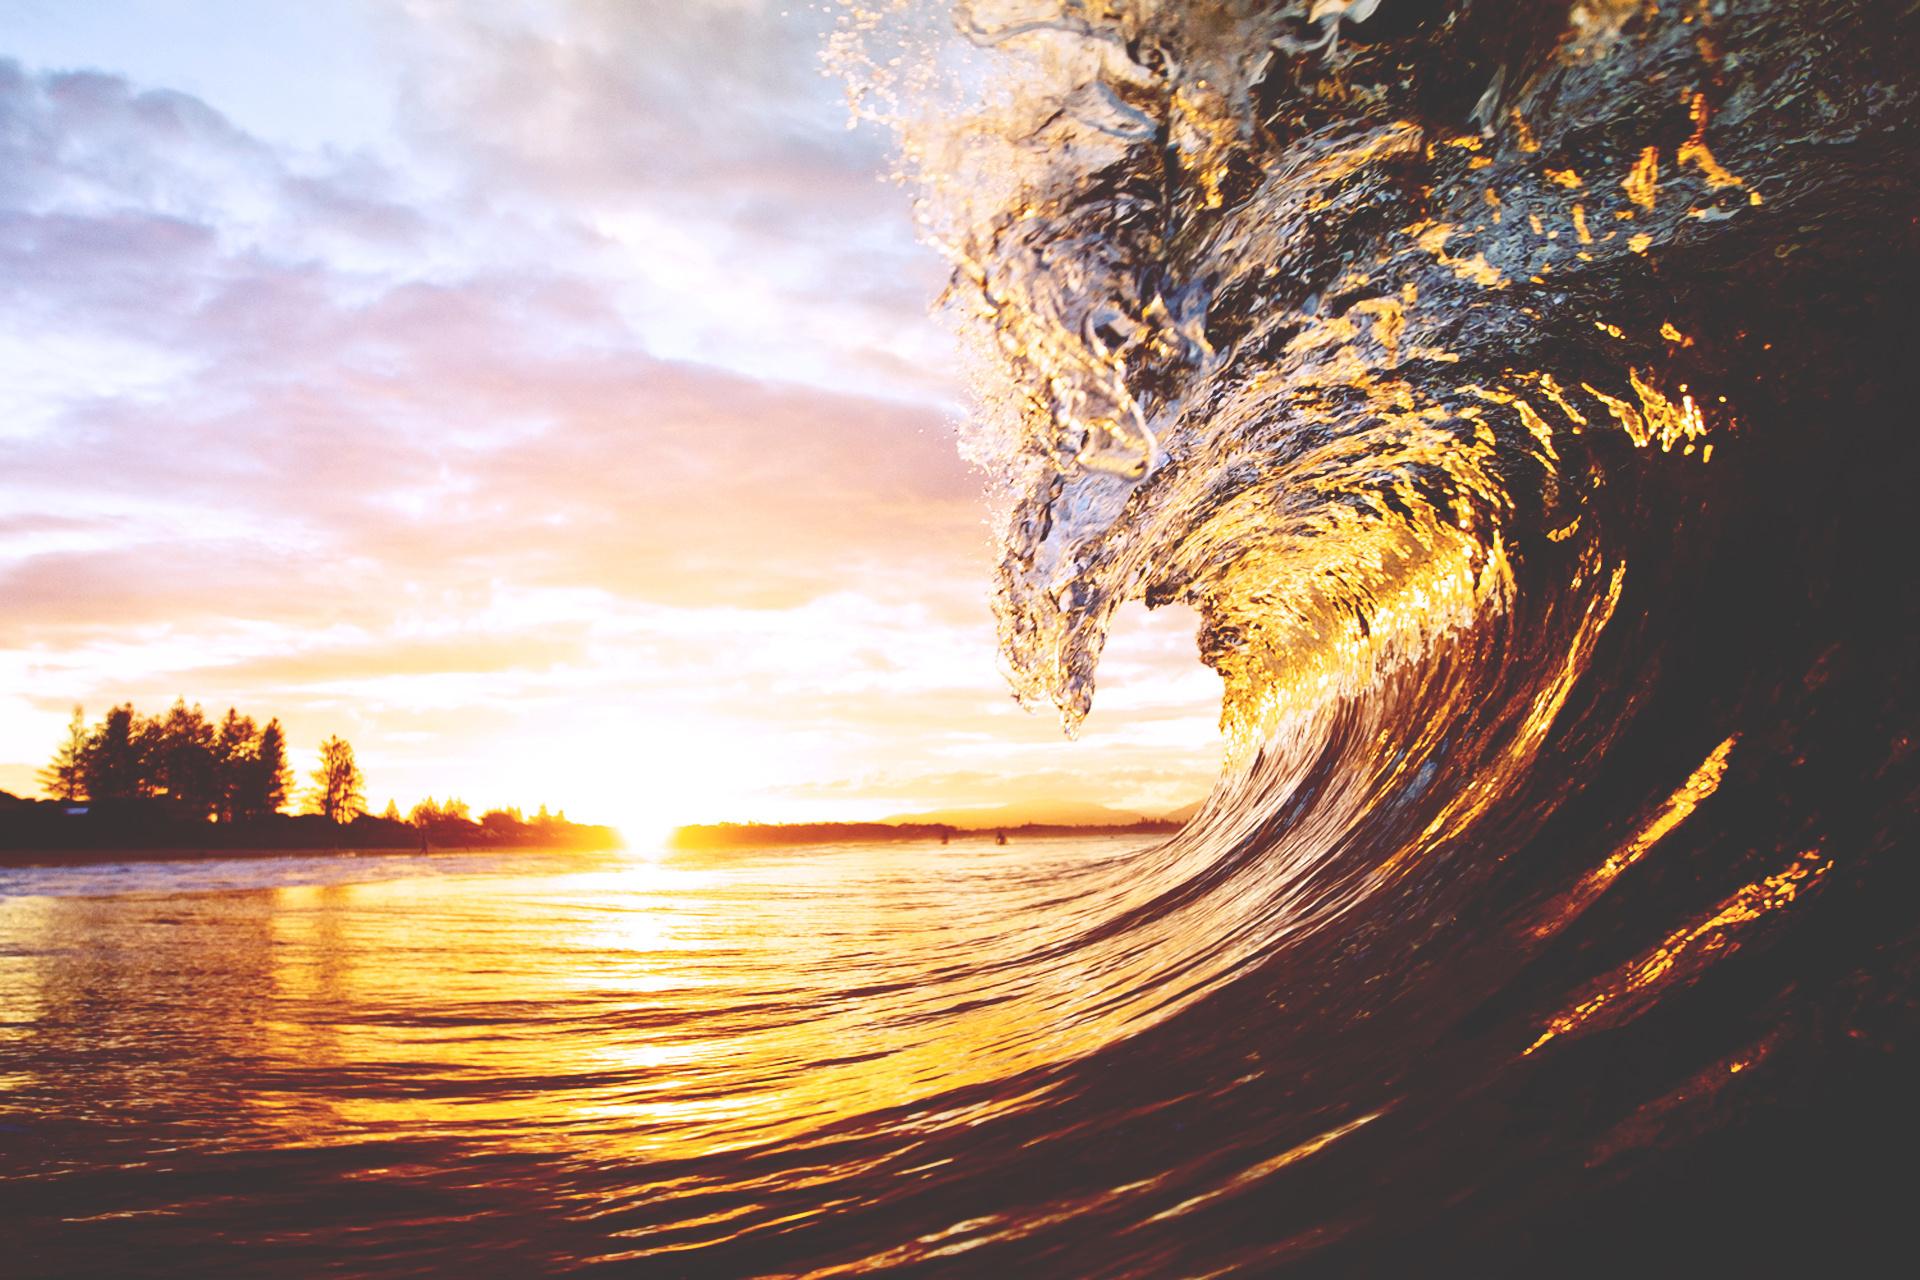 Beach Waves Wallpapers Wallpaper Hd 1920x1280